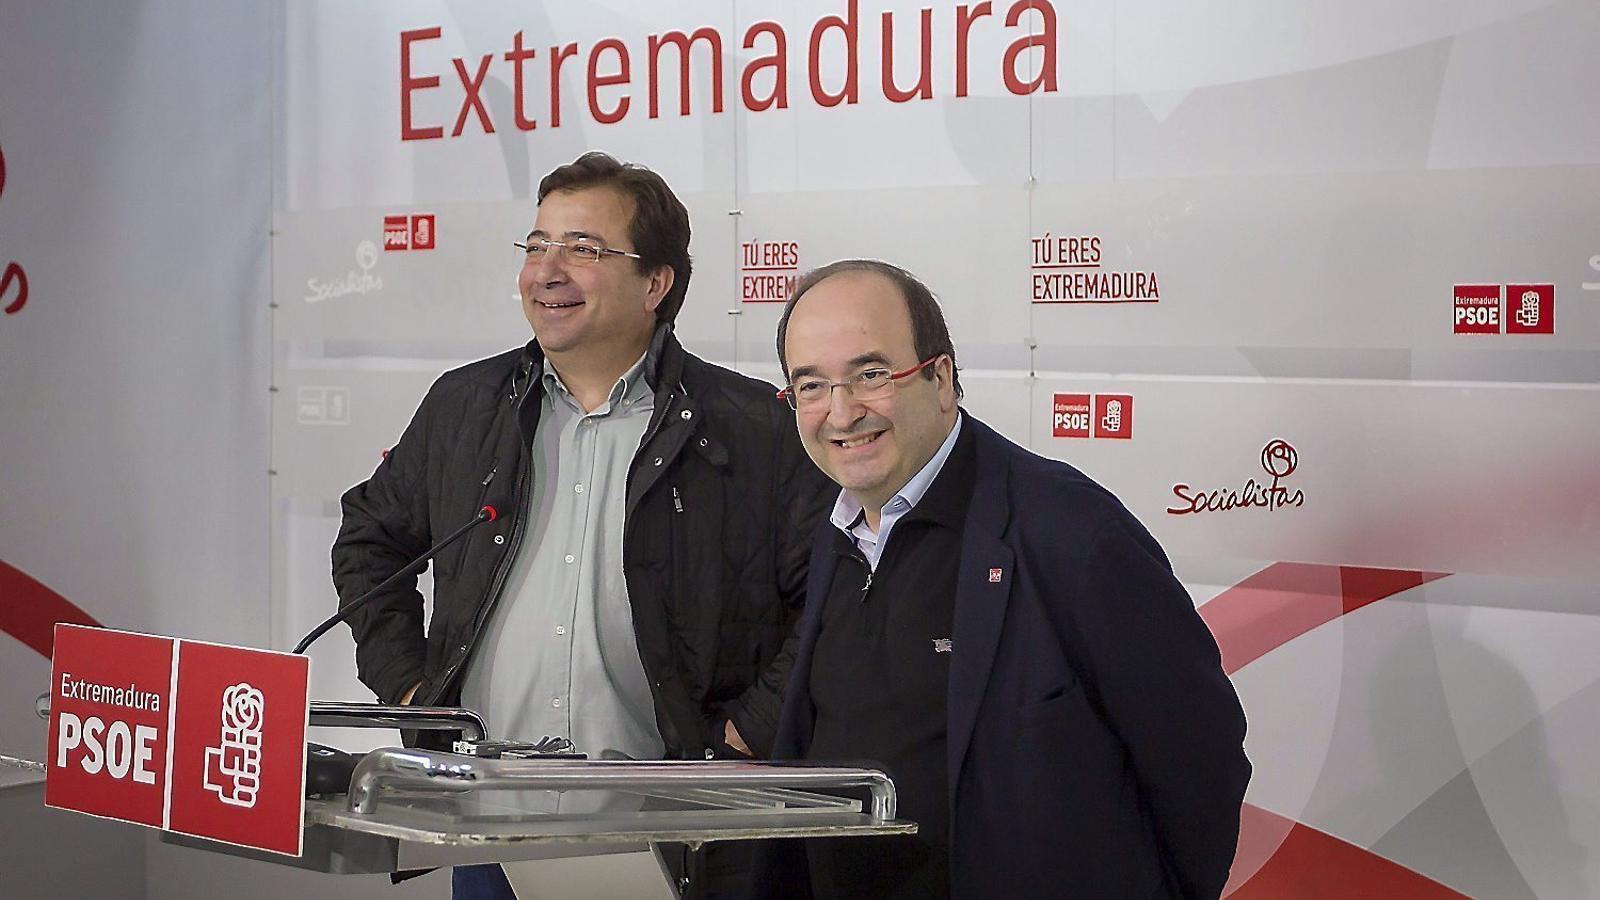 L'Assemblea d'Extremadura aprova una moció que demana aplicar el 155 a Catalunya